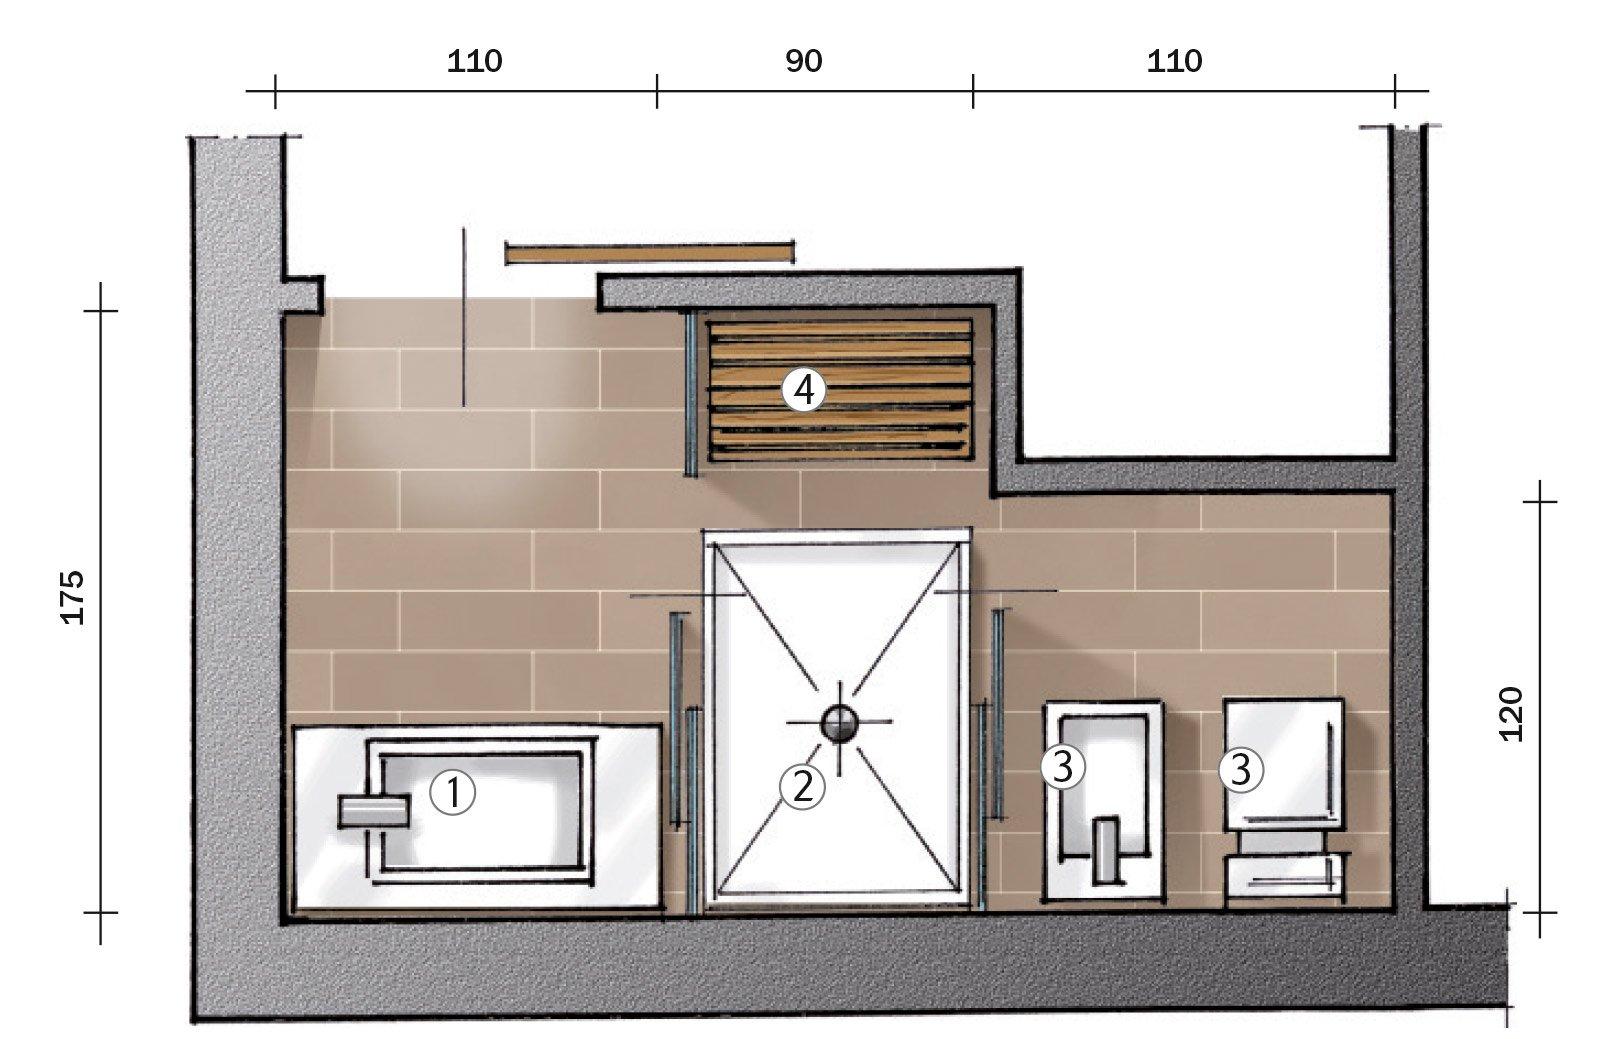 Secondo bagno a uso esclusivo della camera cose di casa for Layout di casa gratuito